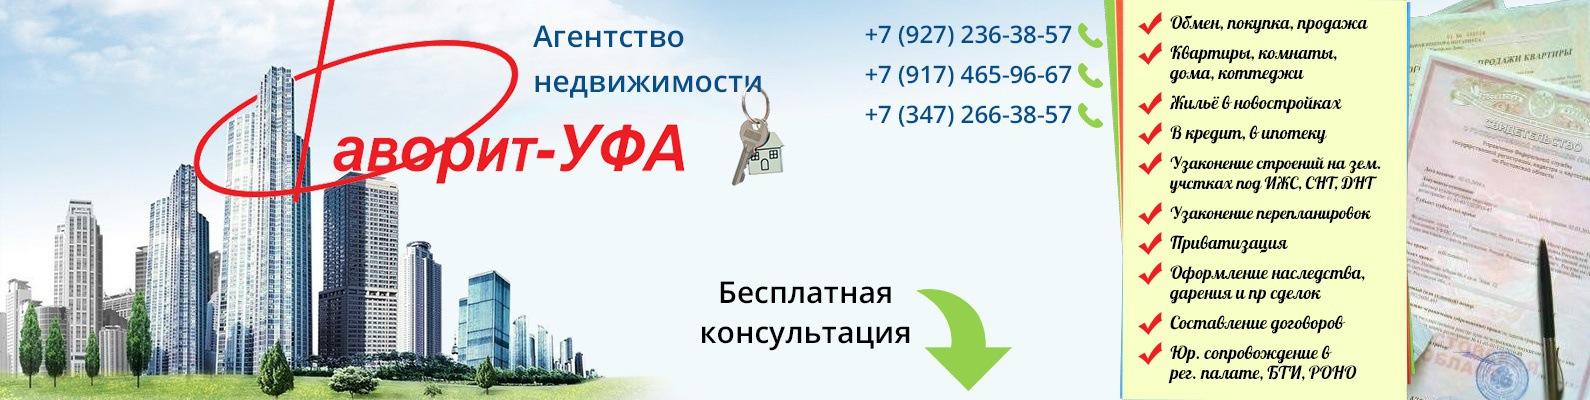 Купить справку 2 ндфл Ворошиловский Парк территория справку из банка Воловья улица